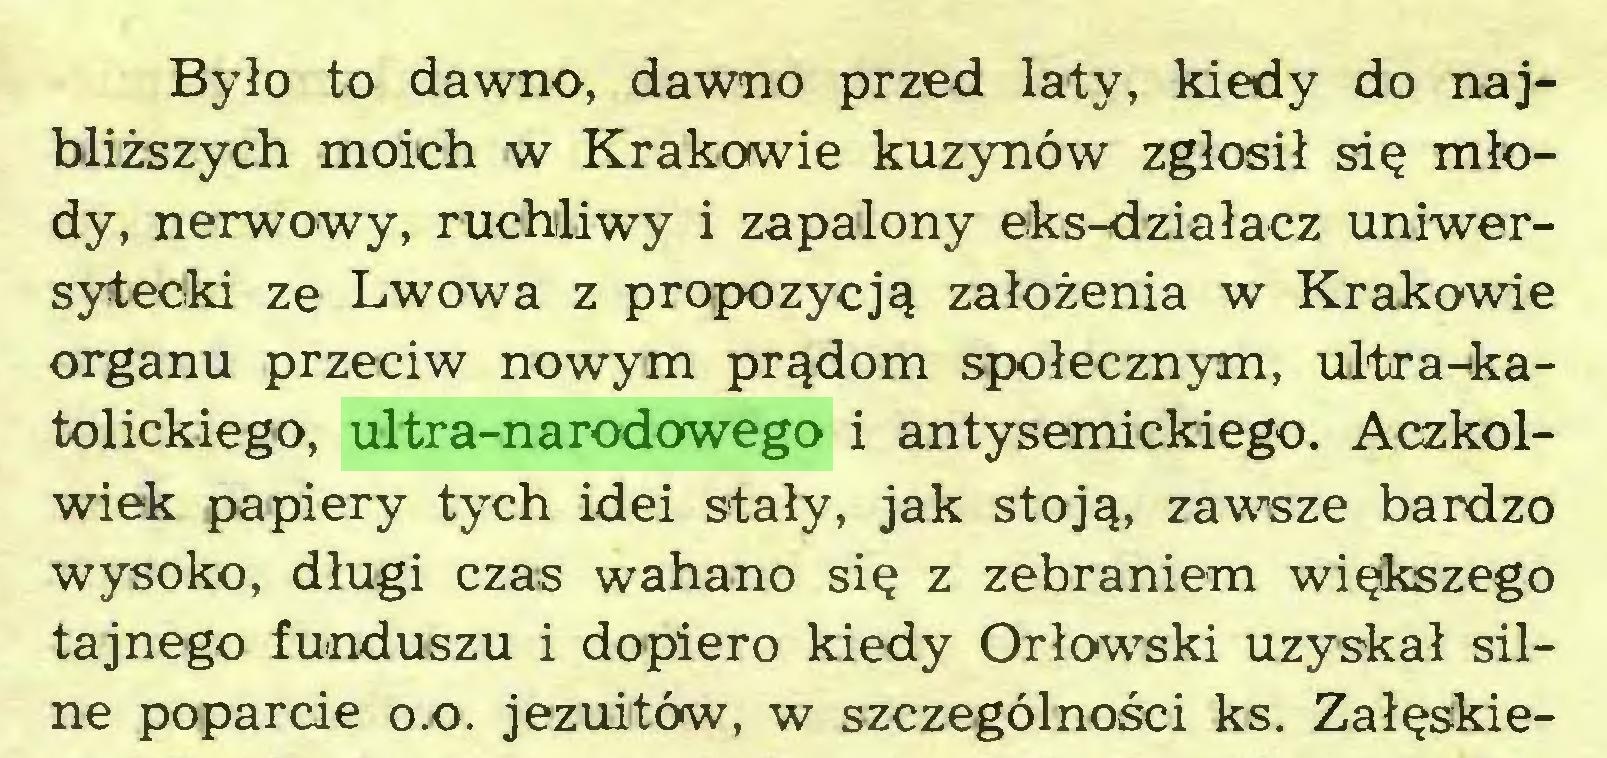 (...) Było to dawno, dawno przed laty, kiedy do najbliższych moich w Krakowie kuzynów zgłosił się młody, nerwowy, ruchliwy i zapalony eks-działacz uniwersytecki ze Lwowa z propozycją założenia w Krakowie organu przeciw nowym prądom społecznym, ultra-katolickiego, ultra-narodowego i antysemickiego. Aczkolwiek papiery tych idei stały, jak stoją, zawsze bardzo wysoko, długi czas wahano się z zebraniem większego tajnego funduszu i dopiero kiedy Orłowski uzyskał silne poparcie o.o. jezuitów, w szczególności ks. Załęskie...